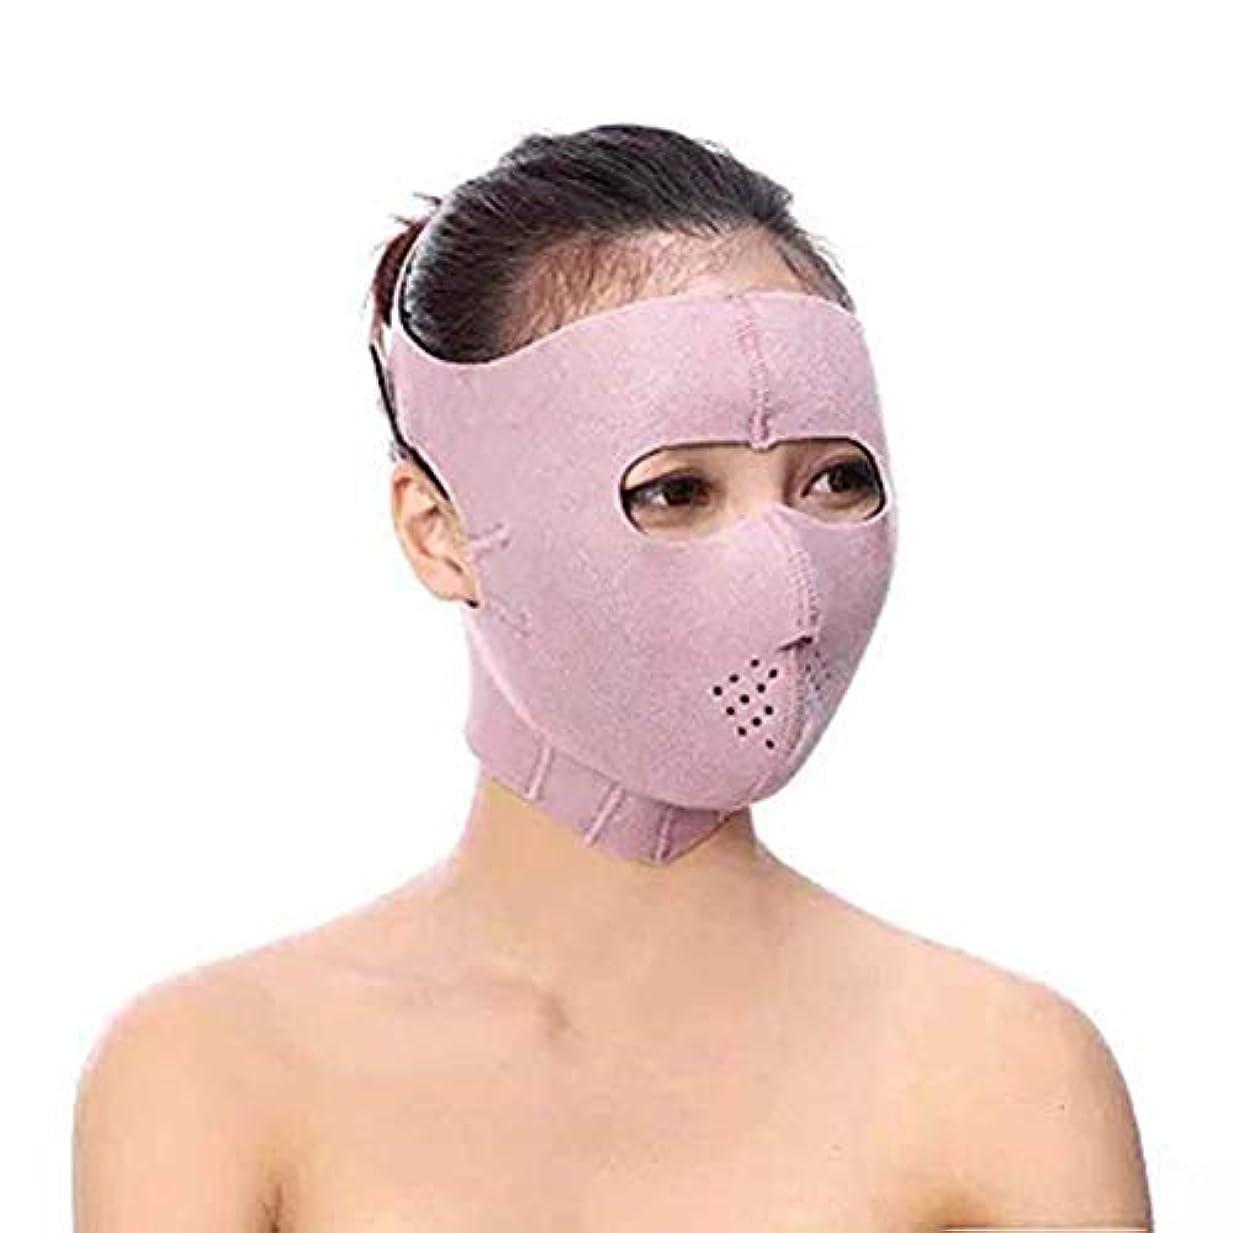 細心の乙女道徳のHUYYA ファーミングストラップネック包帯リフティングフェイスリフティング包帯 V字ベルト補正ベルト ダブルチンヘルスケアスキンケアチン,Pink_Large